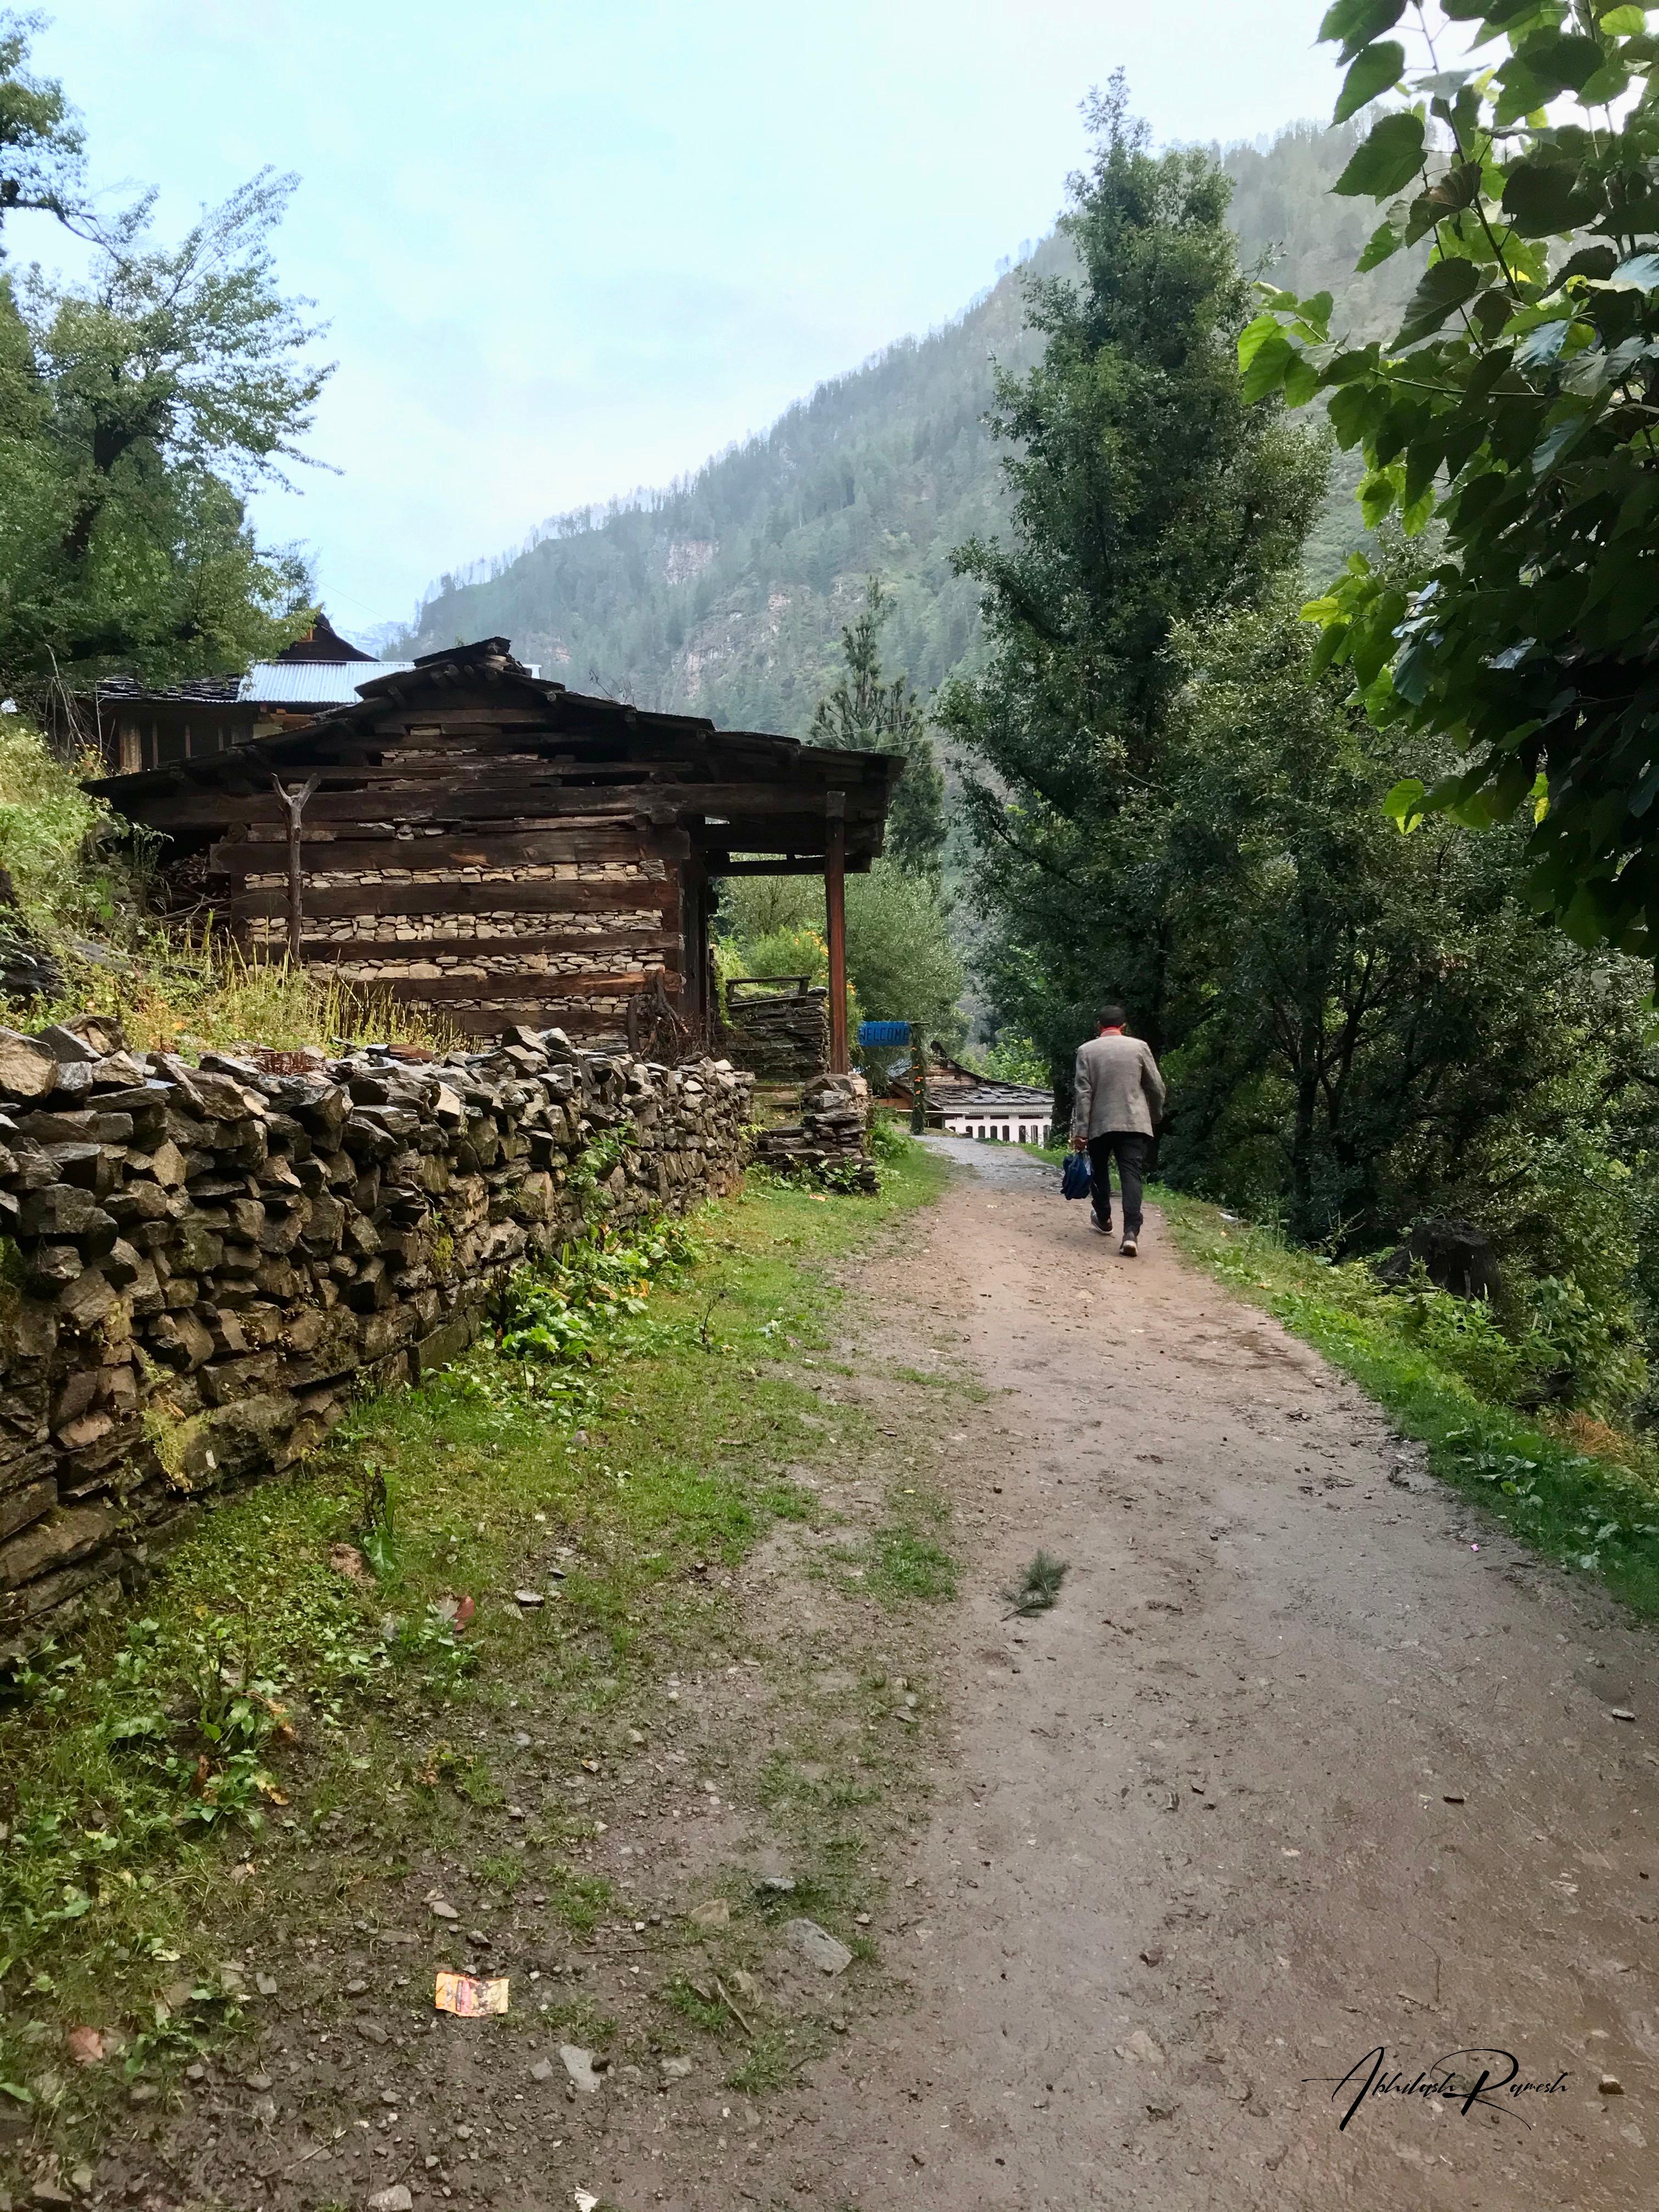 A village person walking